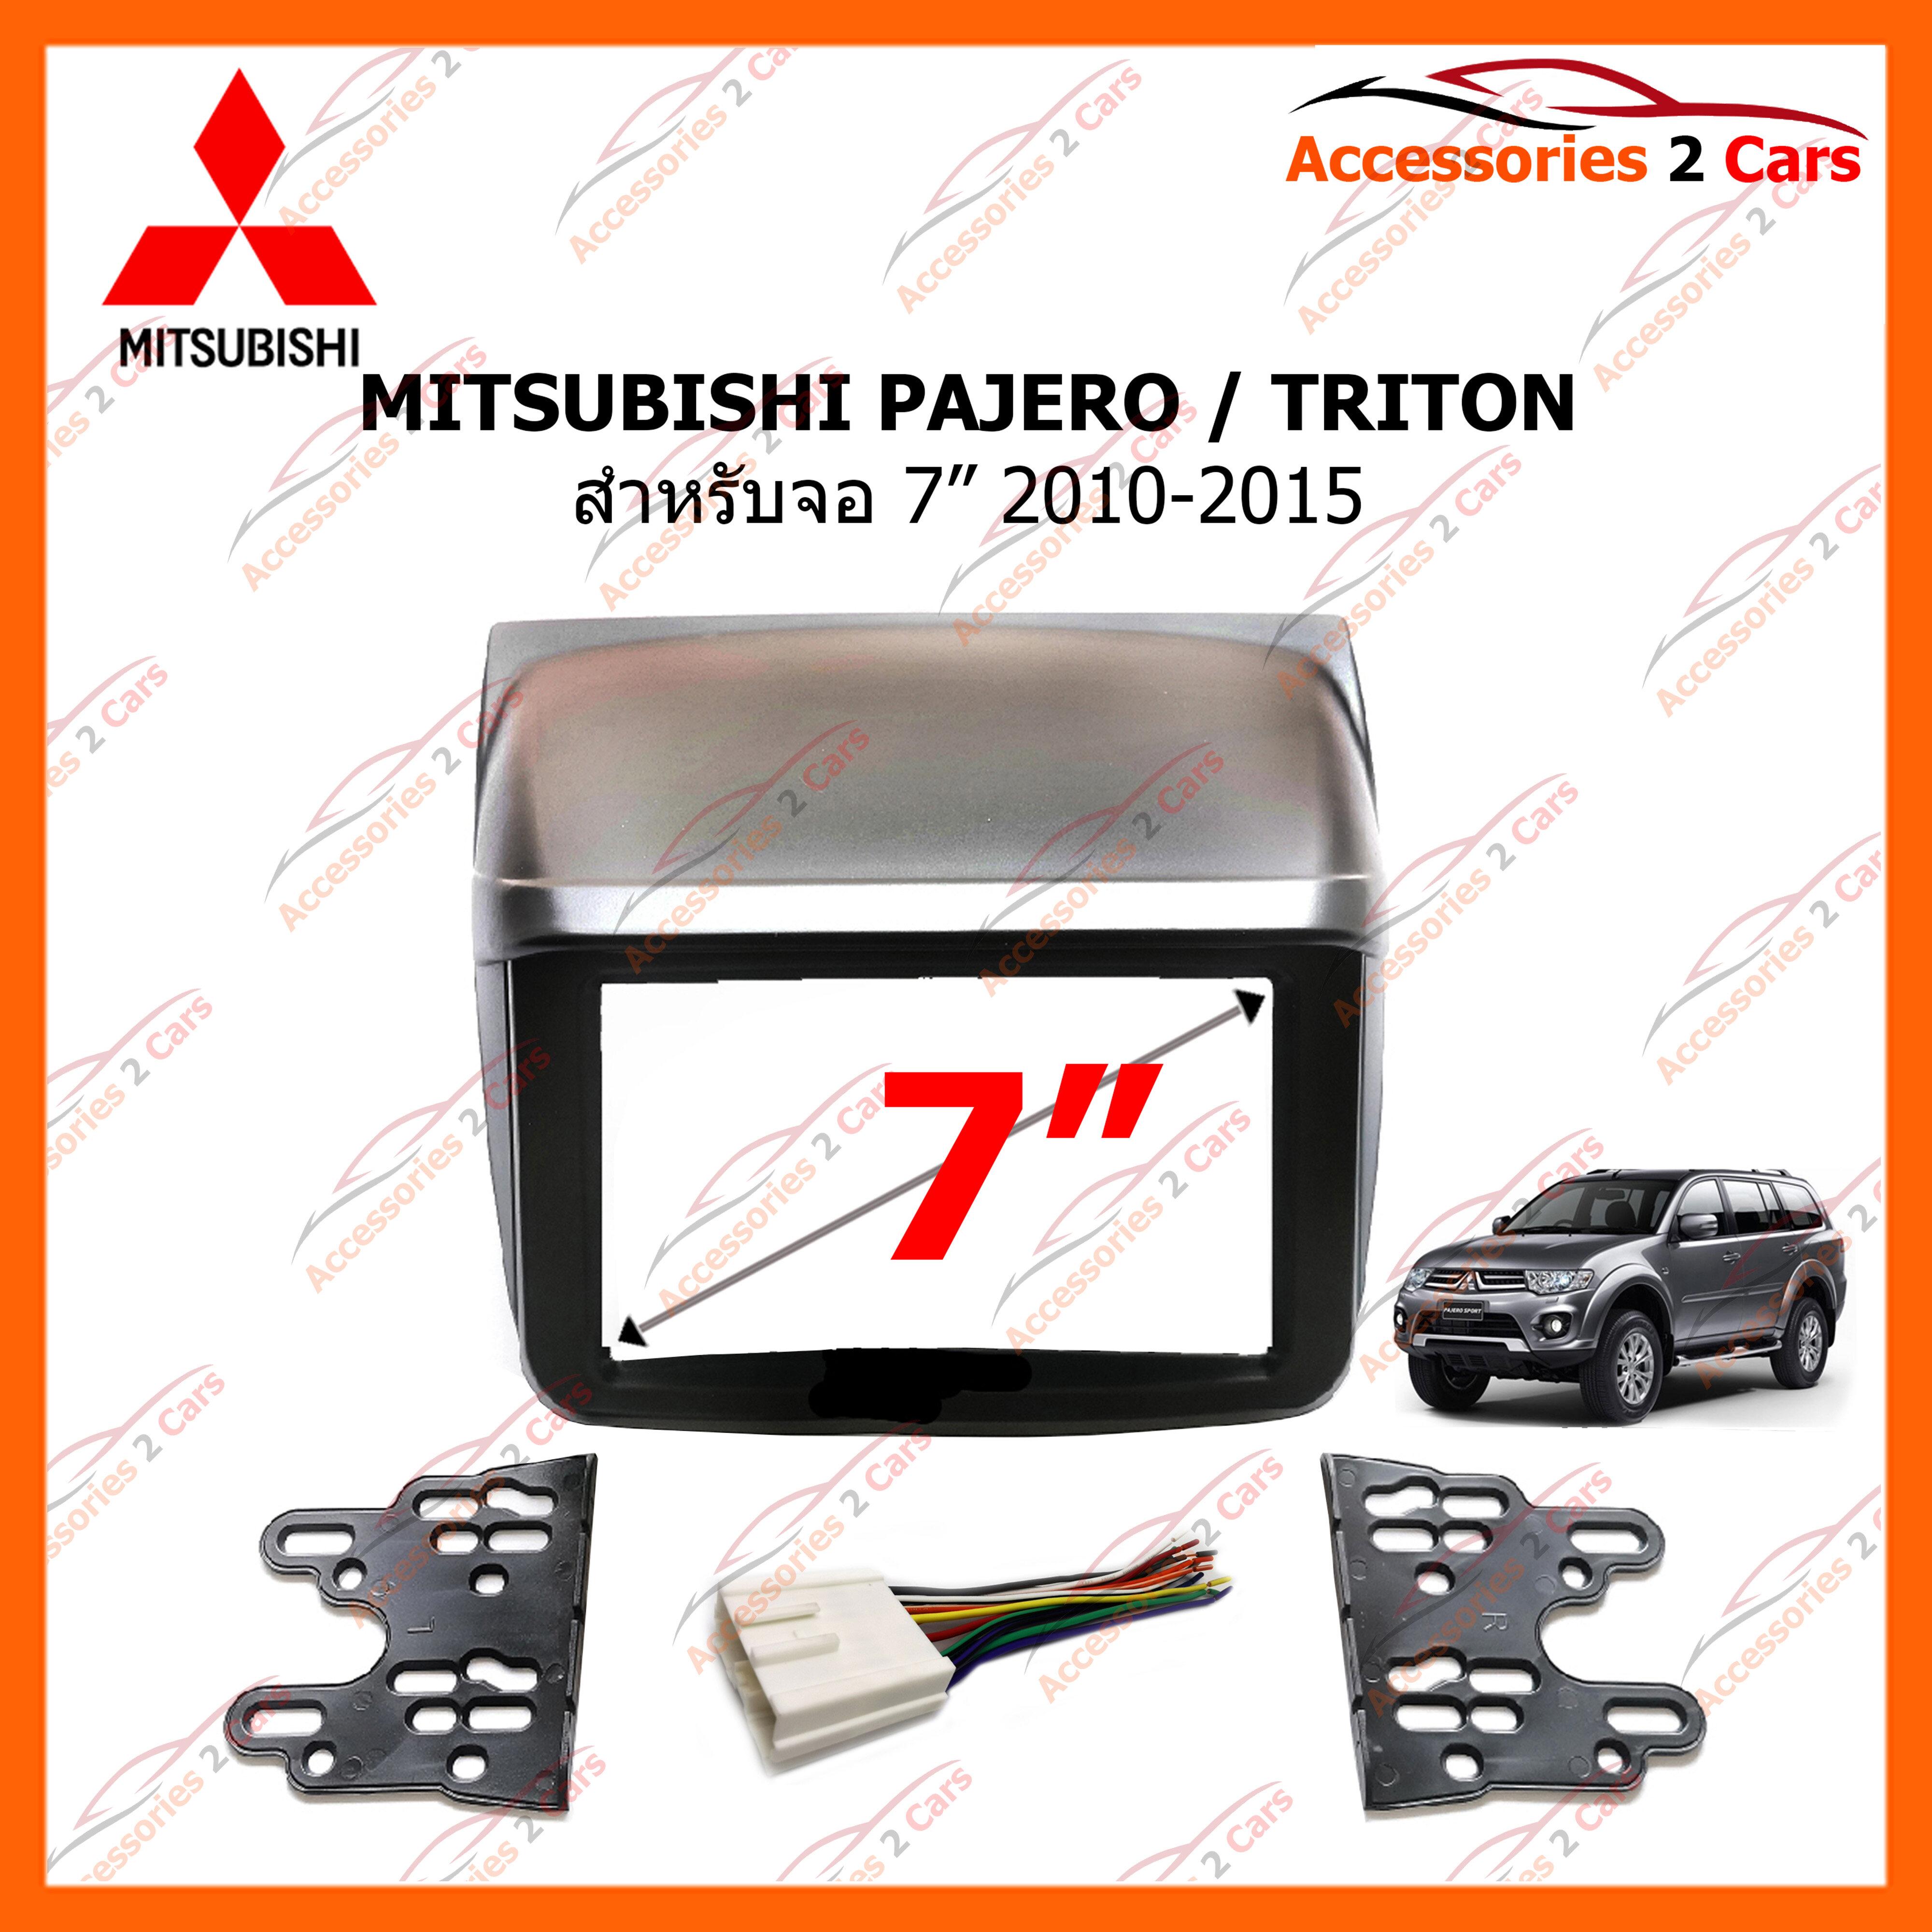 ซื้อที่ไหน หน้ากากวิทยุรถยนต์ MITSUBISHI PAJERO / TRITON สำหรับจอ 7 นิ้ว(NV-MI-016)